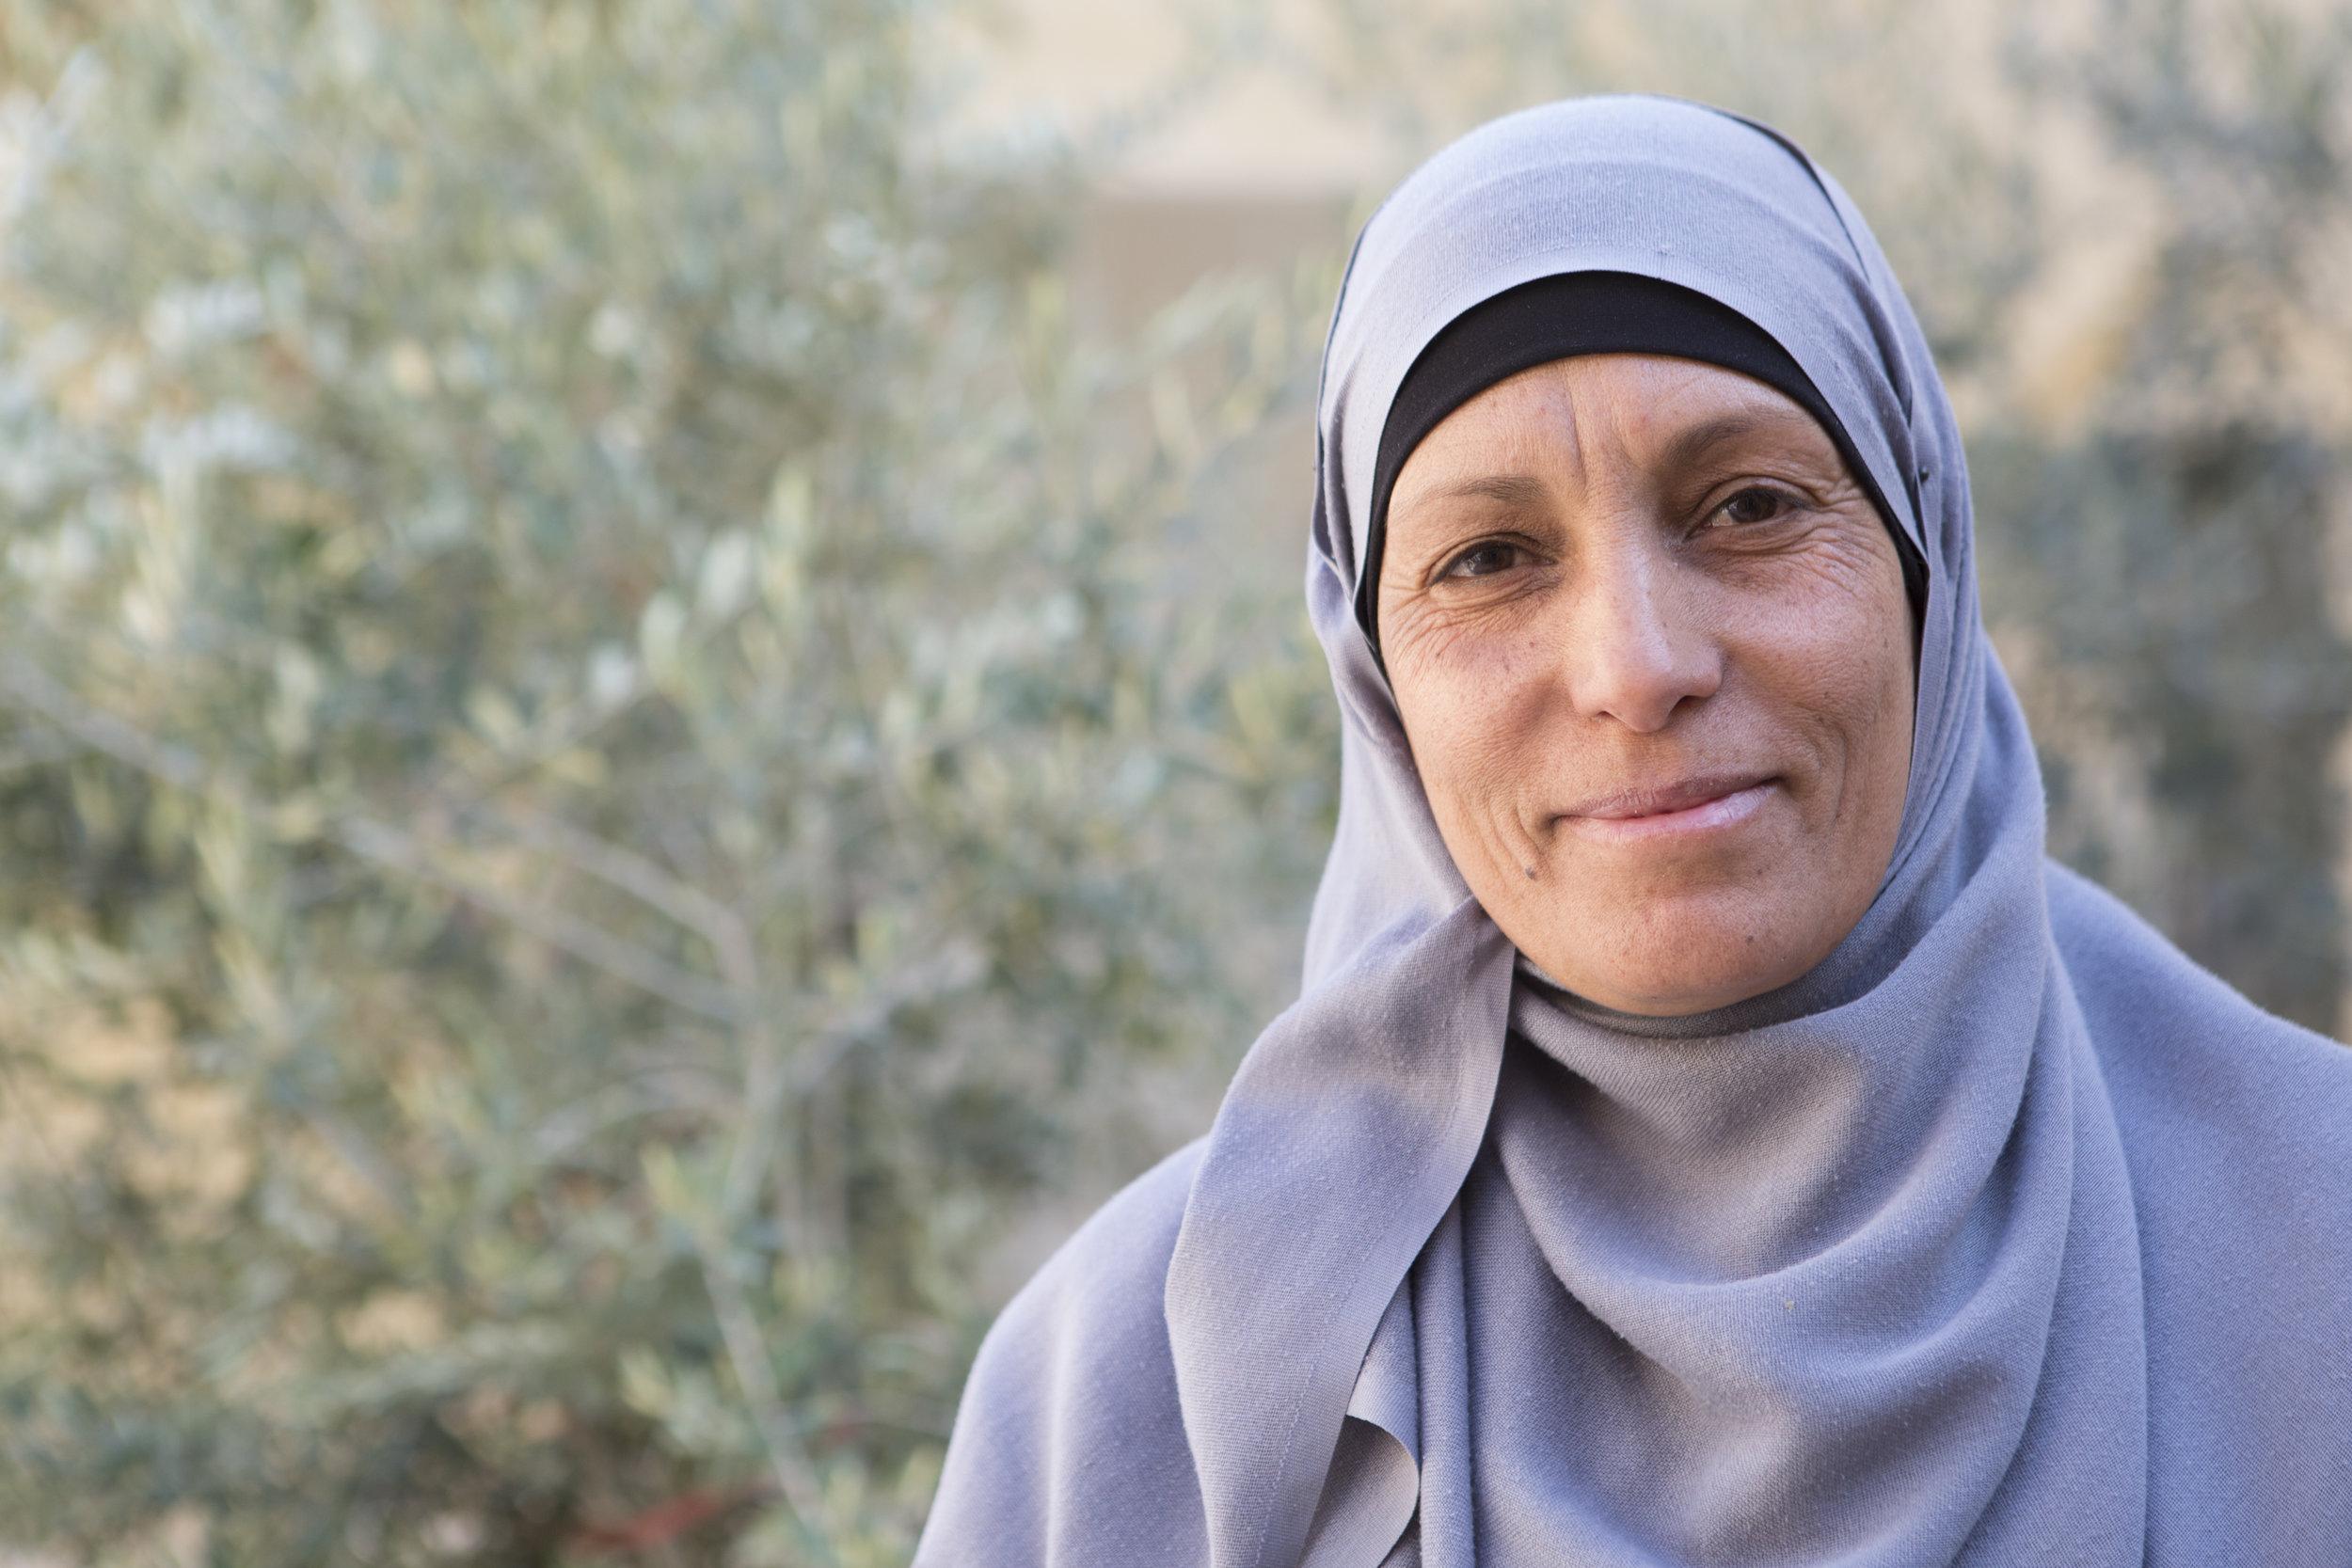 Jameleh, the star of my story